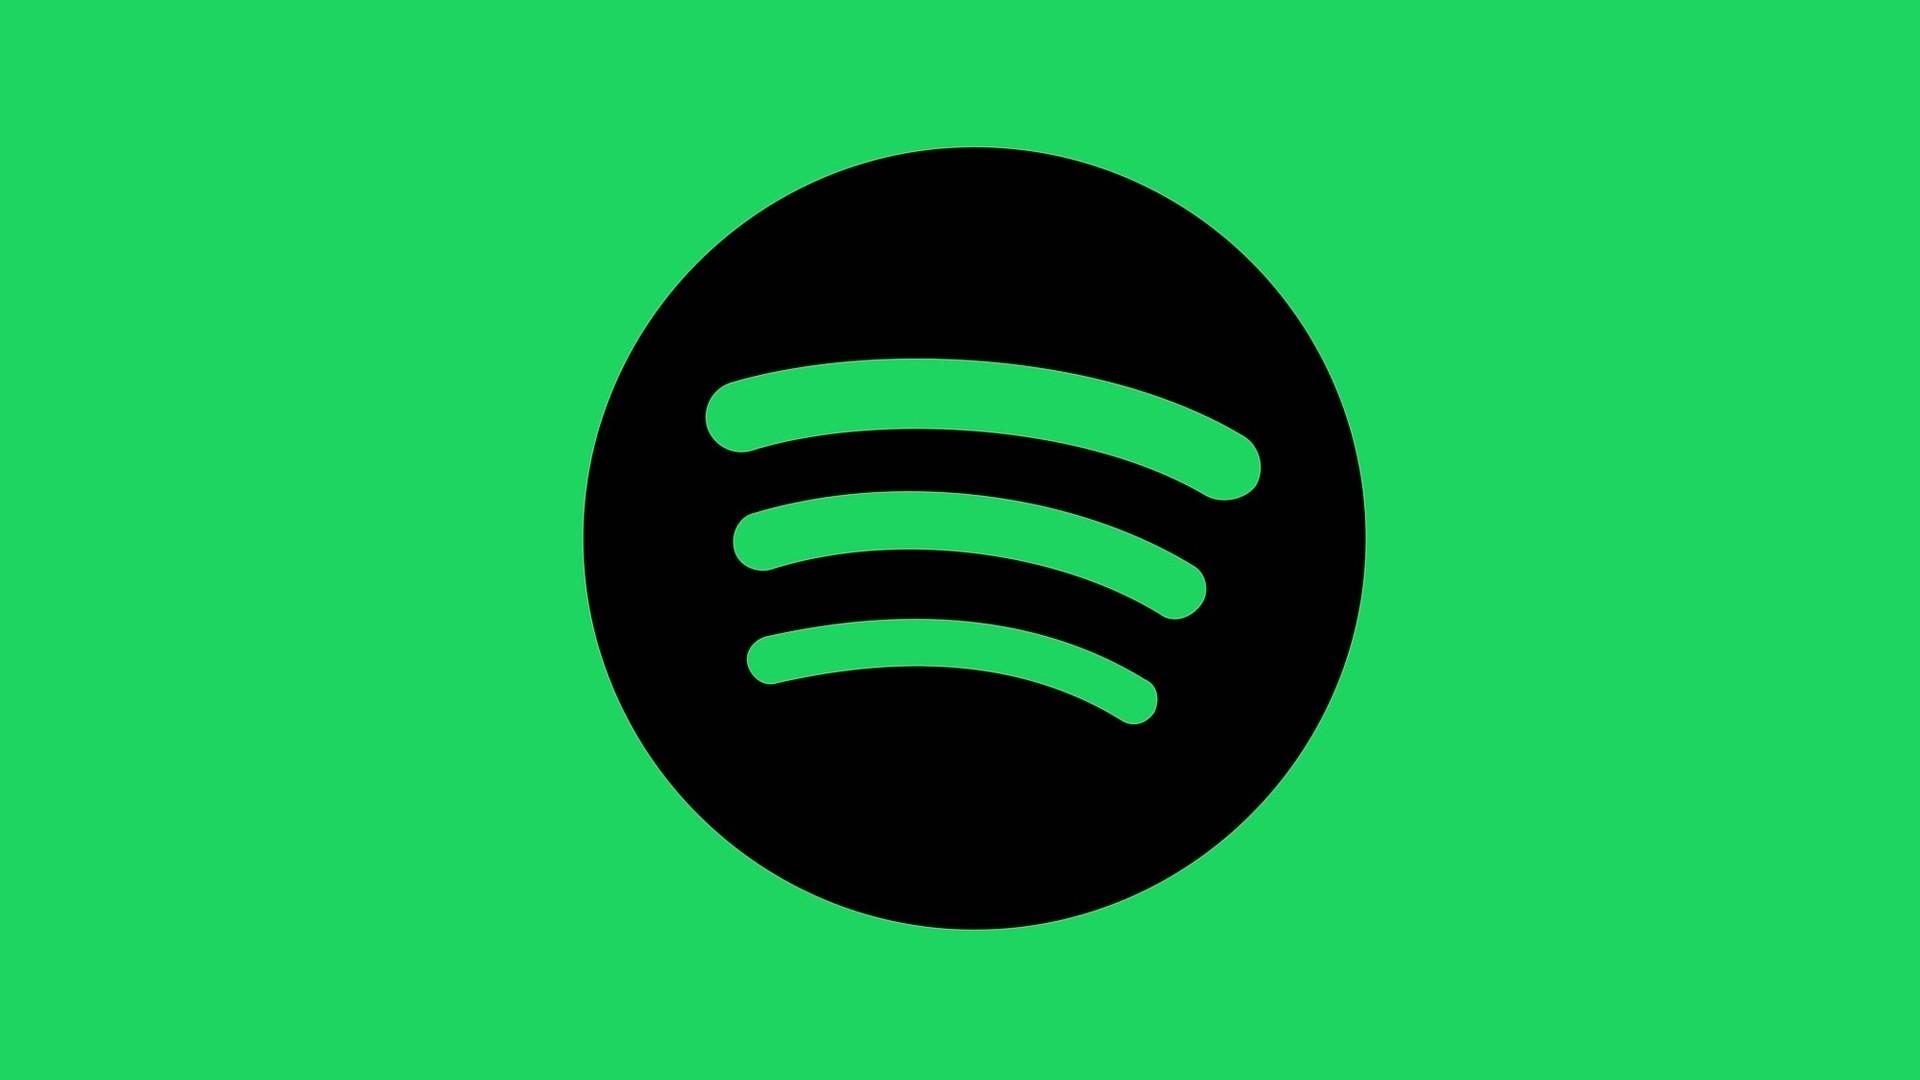 Ab 15.03. auf Spotify & Co